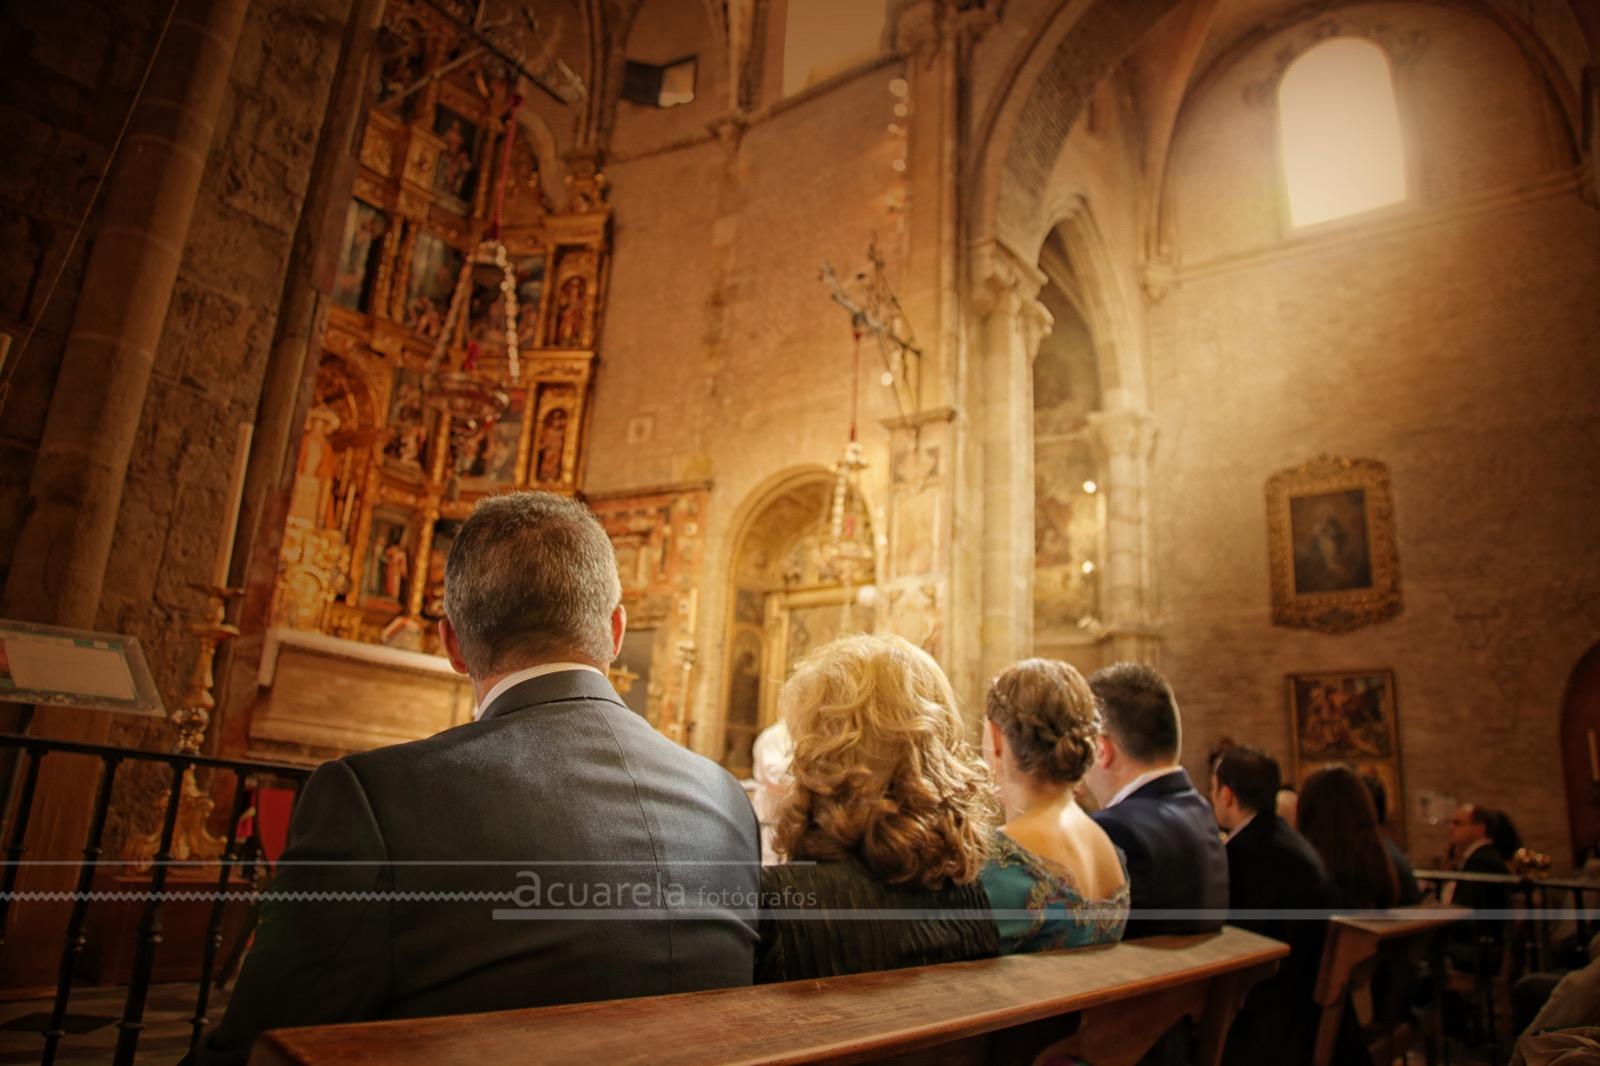 fotos-de-bautizos